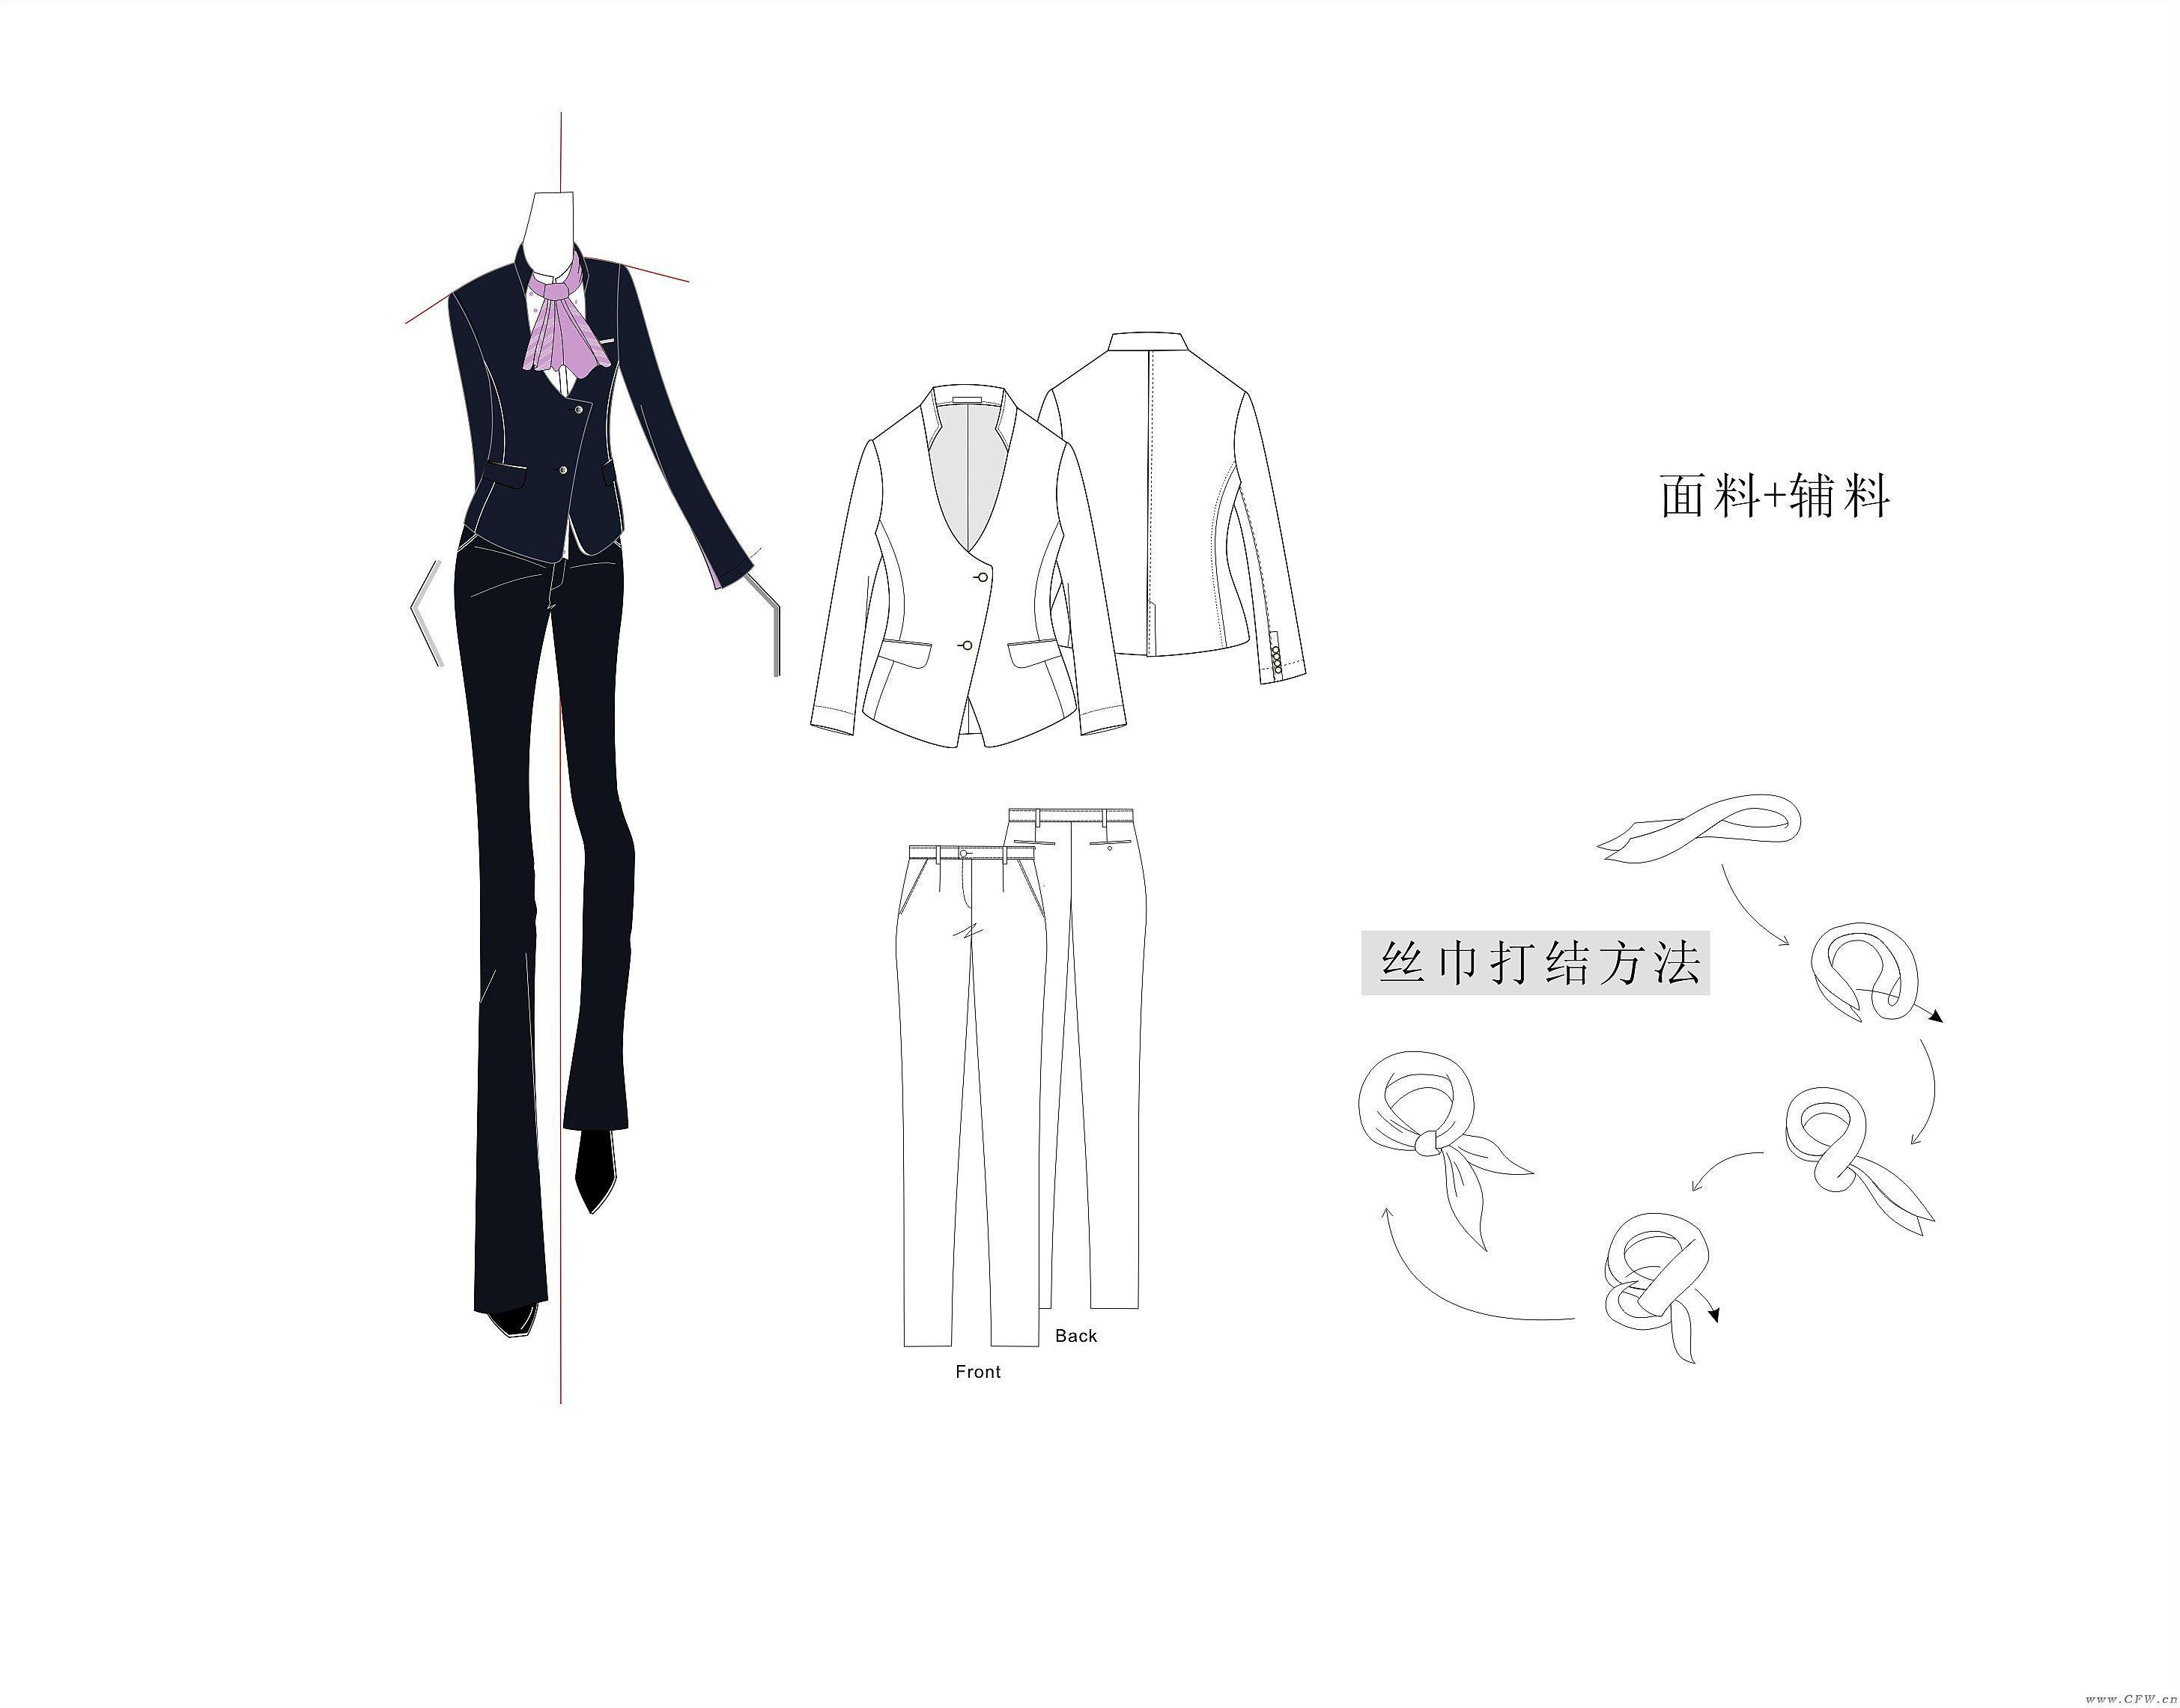 职场女性-职业服装设计-服装设计